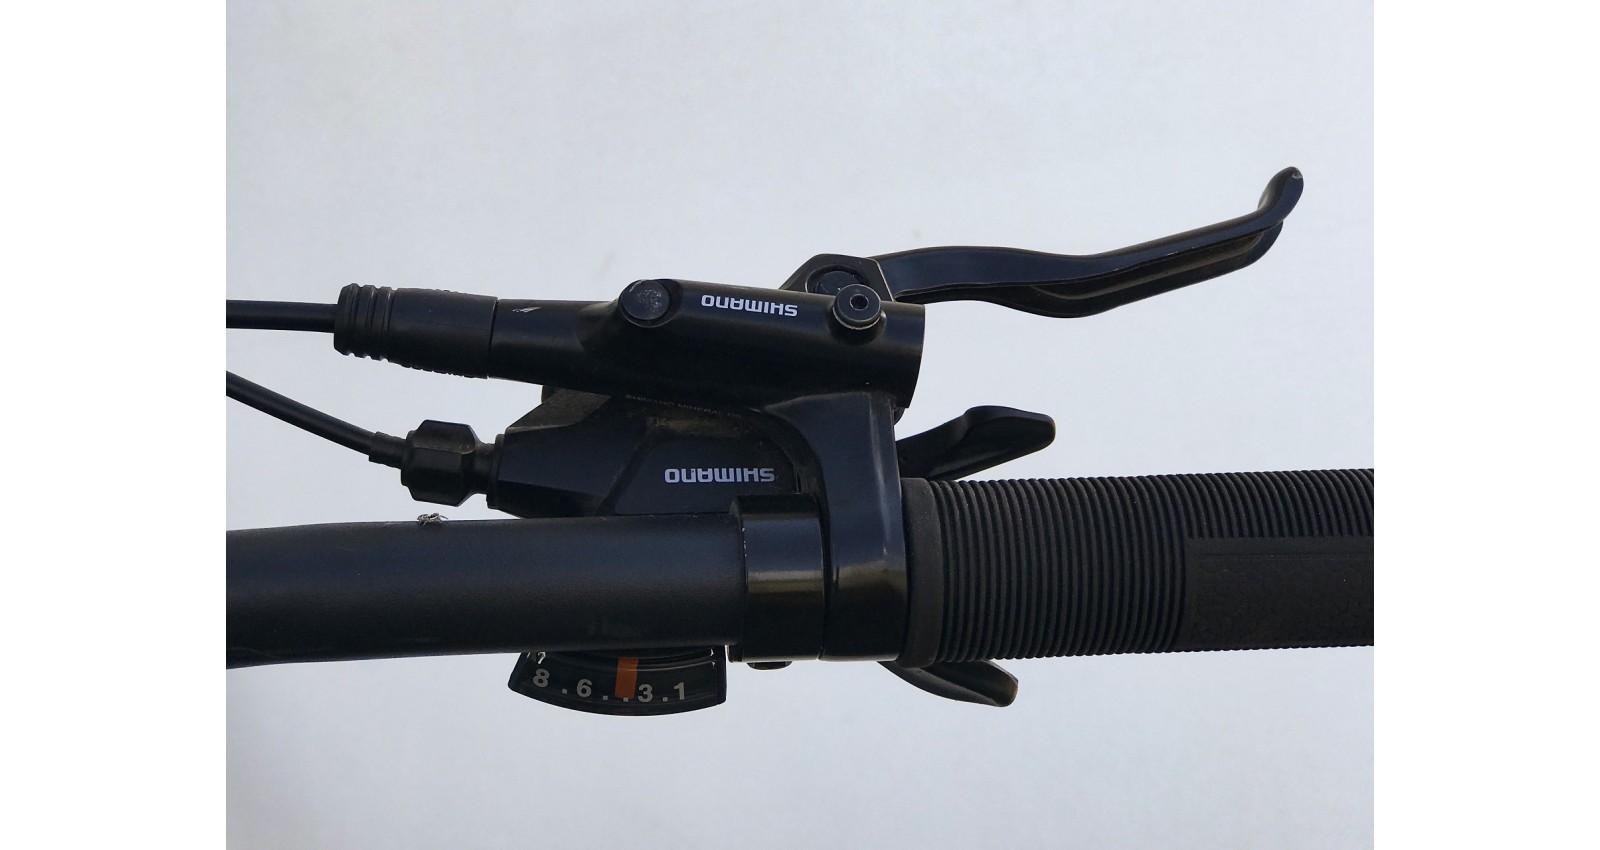 """Велосипед М600 Expert Pro Trinx 29"""" рама 19, 2020  черный/серый/голубой б/у - № Фото 1 - № Фото 2 - № Фото 3 - № Фото 4"""